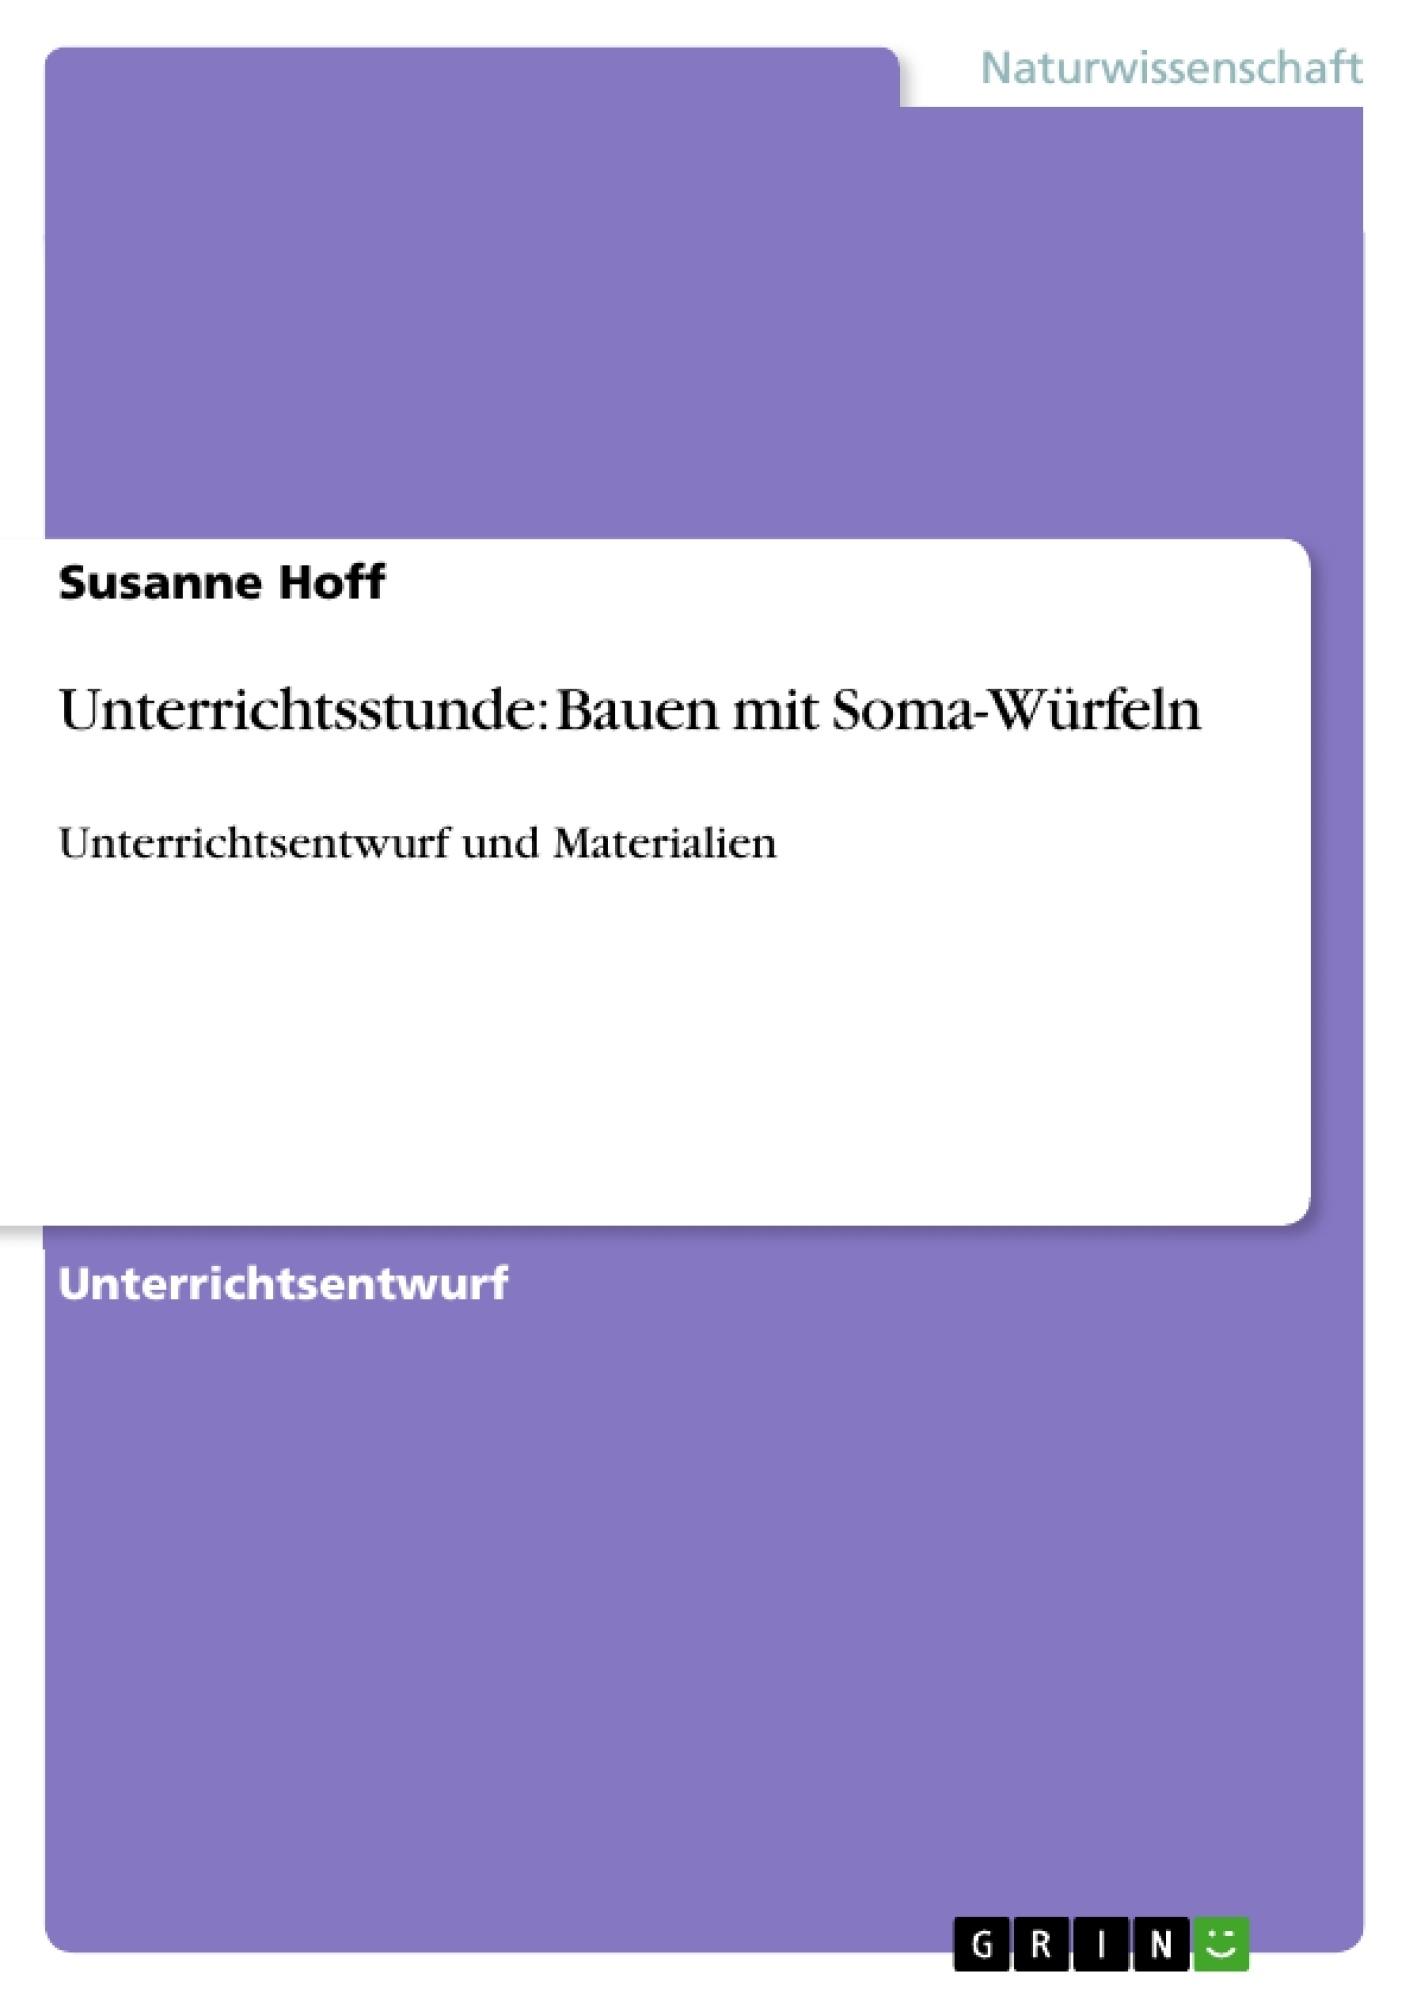 Titel: Unterrichtsstunde: Bauen mit Soma-Würfeln